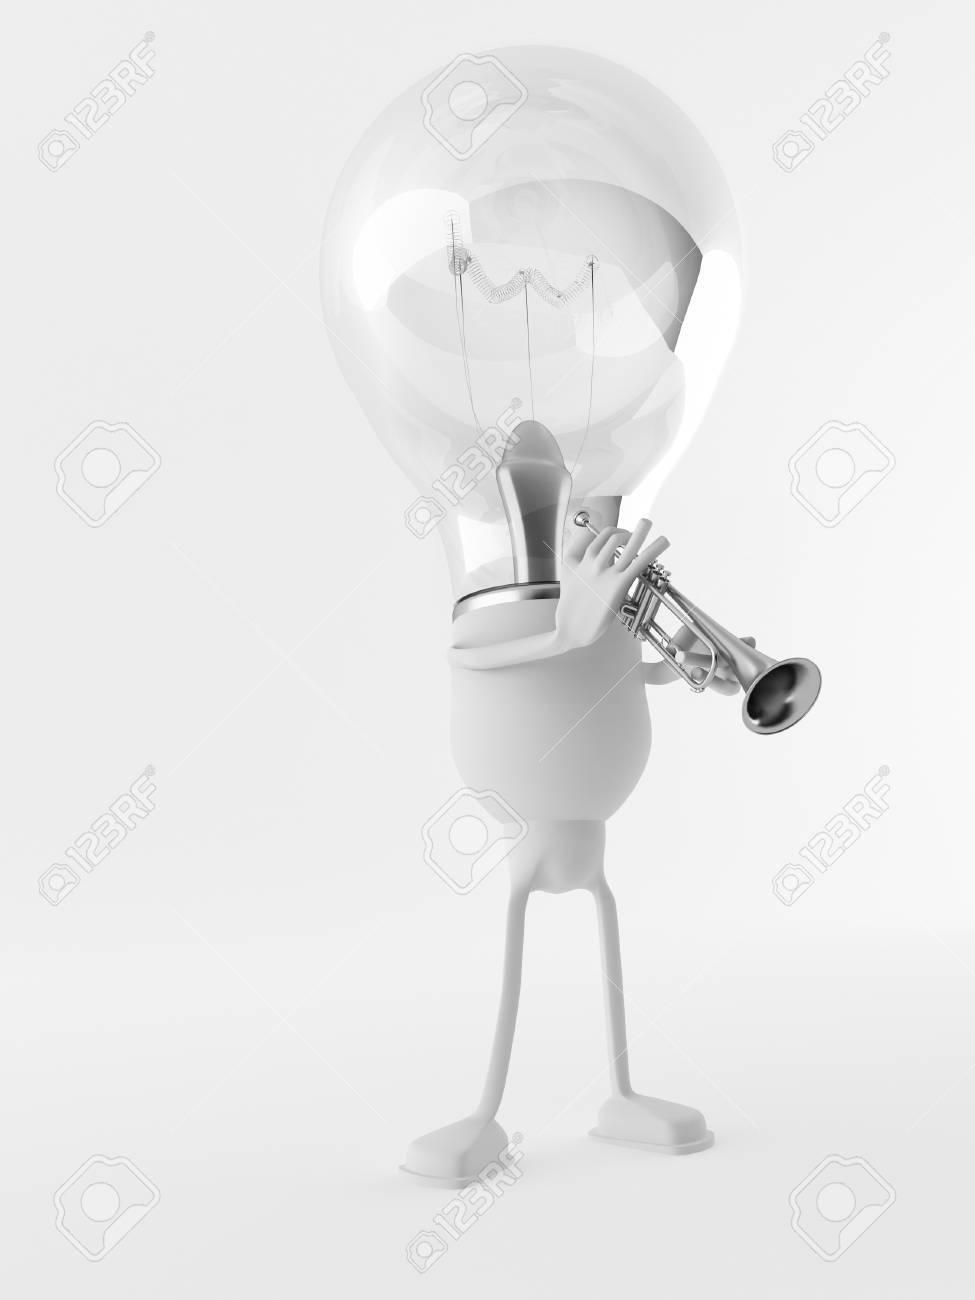 A 3d Bulb Stock Photo - 11995400